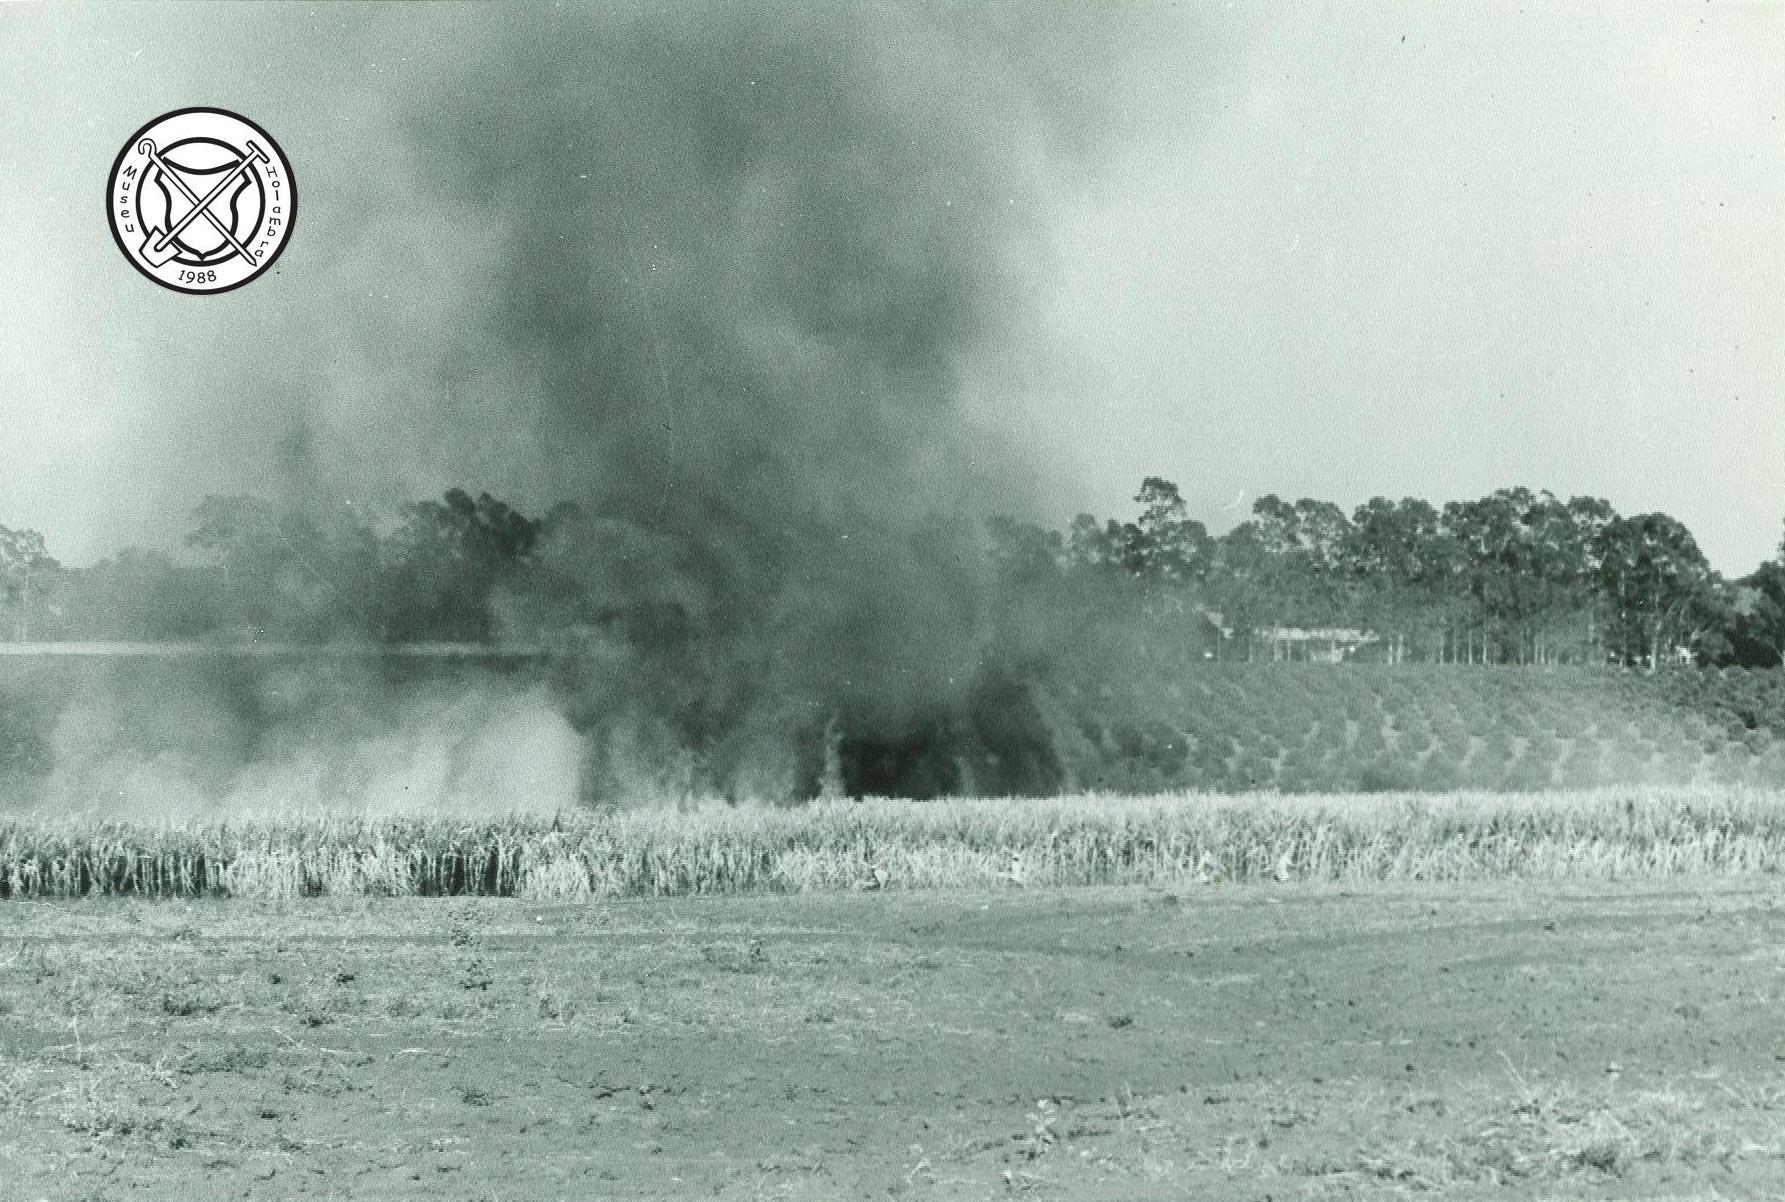 Branden van een suikerrietveld